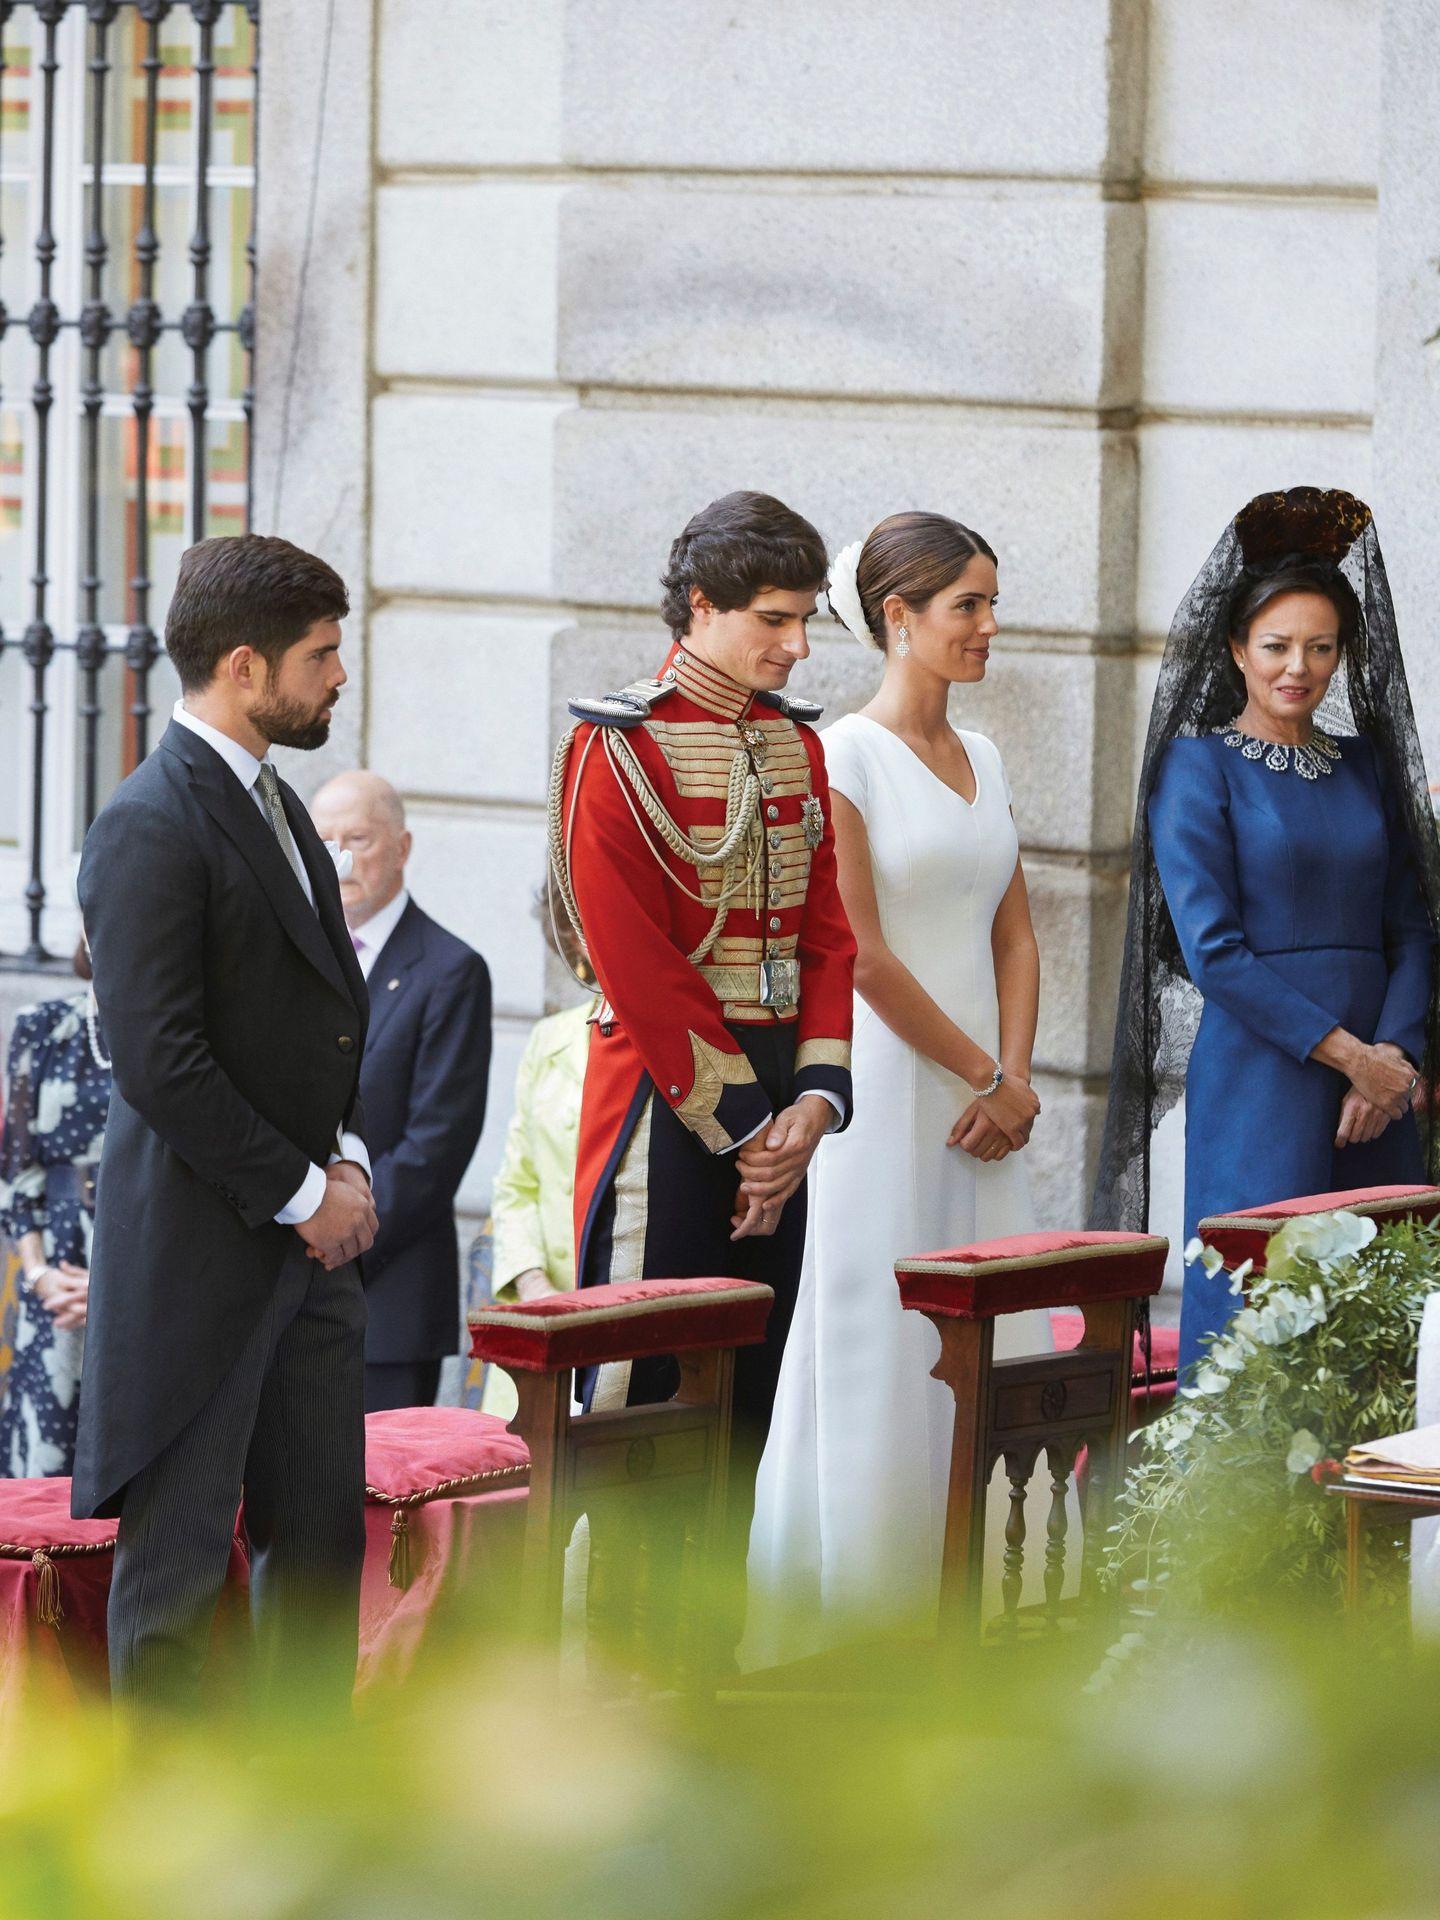 Los duques de Huéscar, el día de su boda, junto a Matilde Solís y Fernando Palazuelo Barroso, hermano de la novia. (EFE)